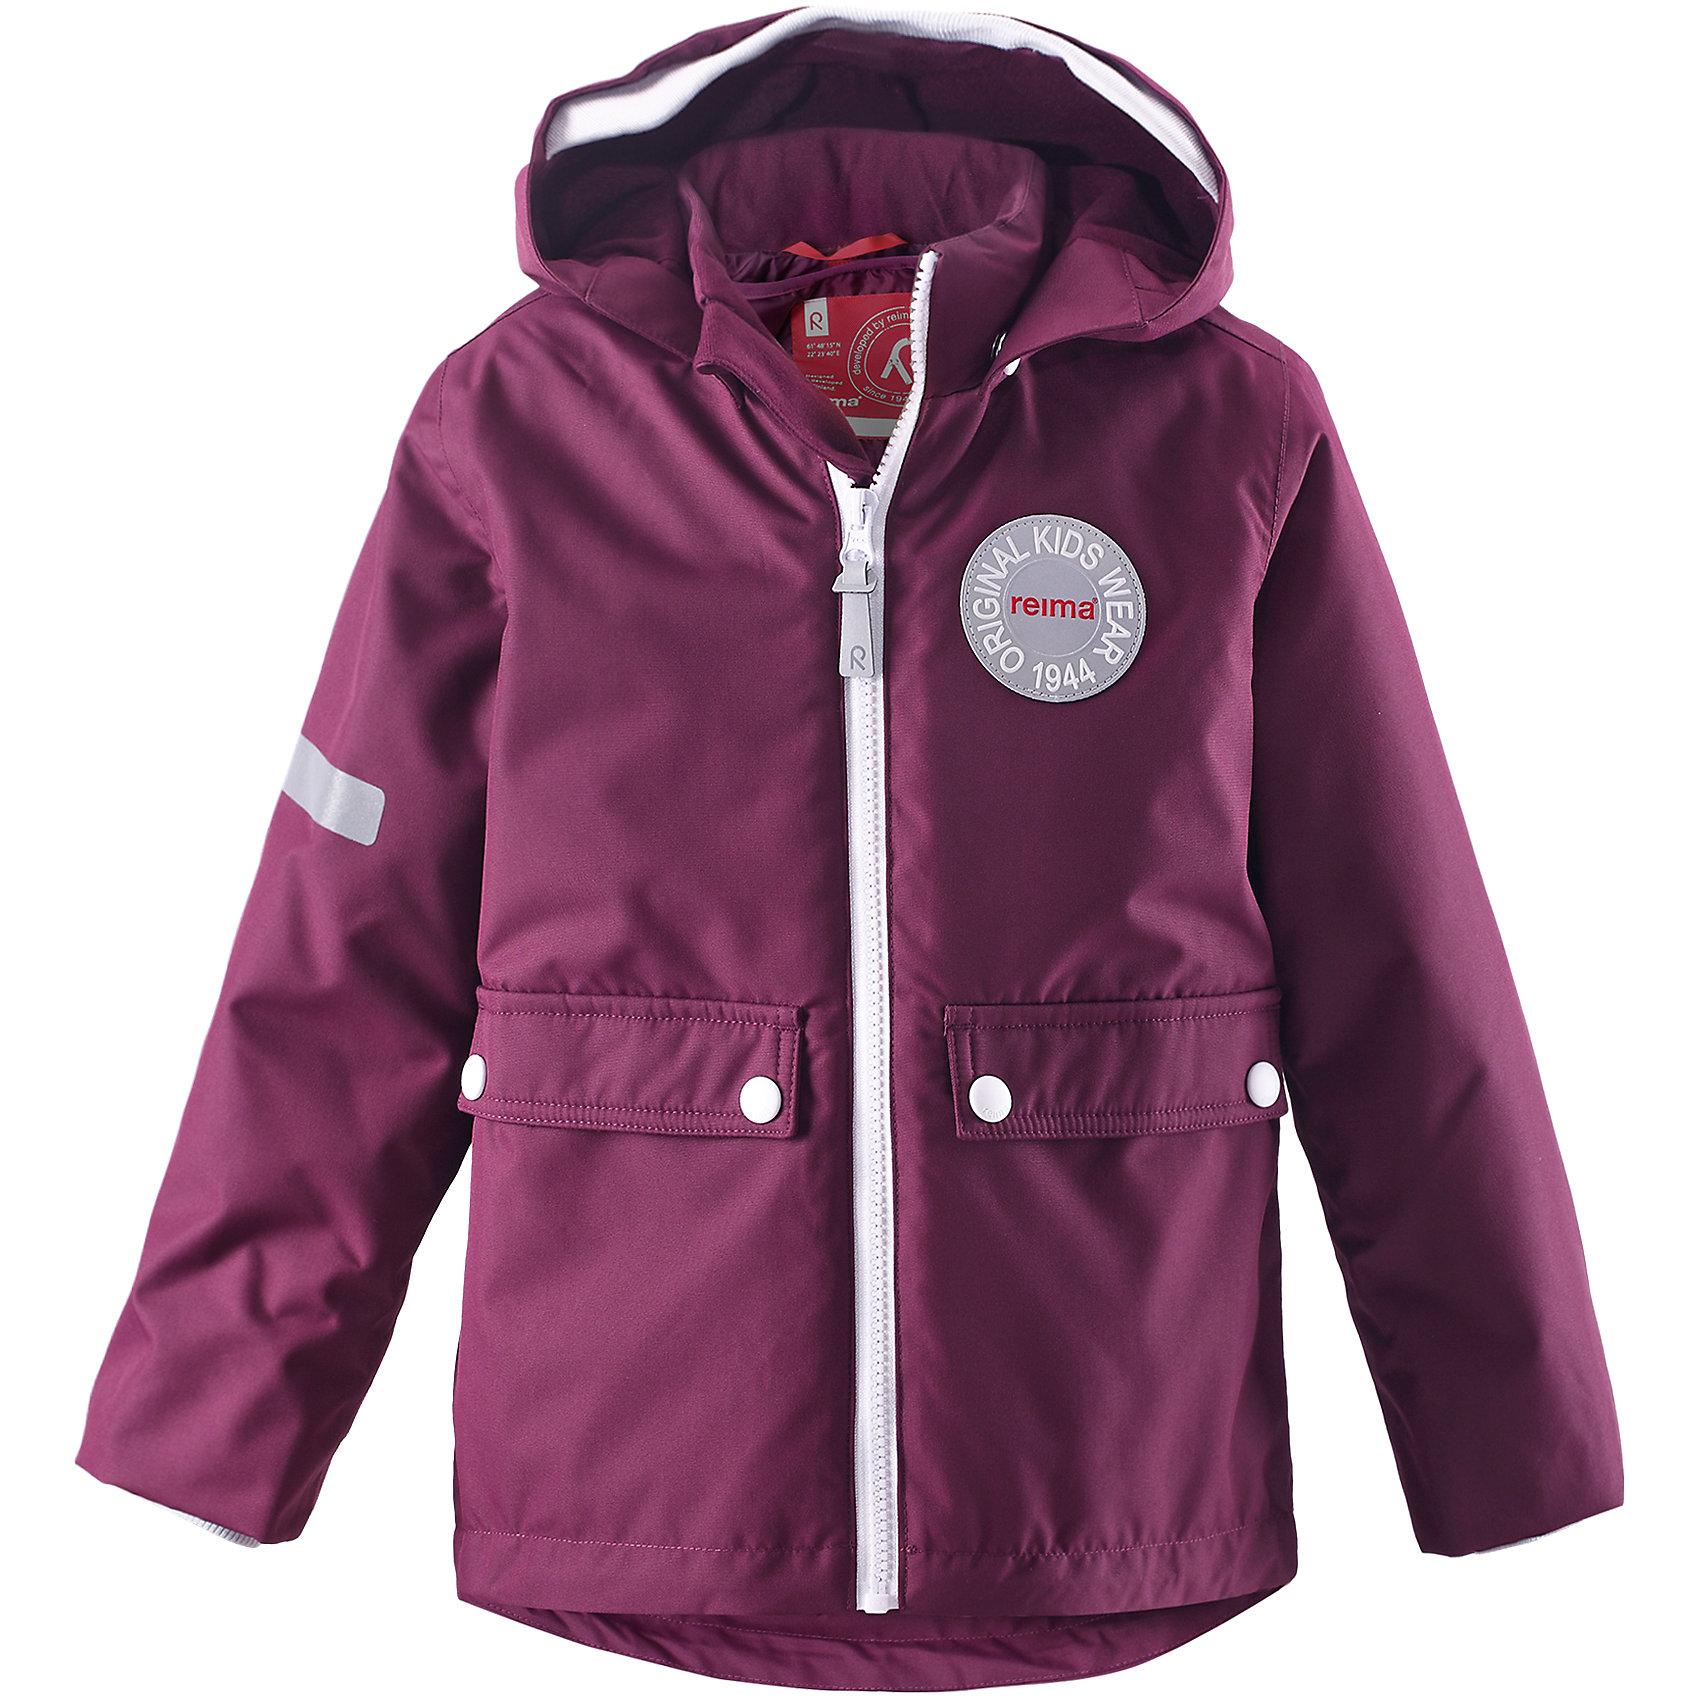 Куртка Taag для девочки  ReimaОдежда<br>Куртка  Reima<br>Зимняя куртка для детей. Основные швы проклеены и не пропускают влагу. Водо- и ветронепроницаемый, «дышащий» и грязеотталкивающий материал. Съемная стеганная подкладка. Безопасный, съемный капюшон. Мягкая резинка на кромке капюшона и манжетах. Регулируемый подол. Два кармана с клапанами.<br>Утеплитель: Reima® Soft Loft insulation,160 g<br>Уход:<br>Стирать по отдельности, вывернув наизнанку. Застегнуть молнии и липучки. Стирать моющим средством, не содержащим отбеливающие вещества. Полоскать без специального средства. Во избежание изменения цвета изделие необходимо вынуть из стиральной машинки незамедлительно после окончания программы стирки. Сушить при низкой температуре. <br>Состав:<br>100% Полиамид, полиуретановое покрытие<br><br>Ширина мм: 623<br>Глубина мм: 429<br>Высота мм: 83<br>Вес г: 735<br>Цвет: розовый<br>Возраст от месяцев: 72<br>Возраст до месяцев: 84<br>Пол: Женский<br>Возраст: Детский<br>Размер: 128,116,122,98,140,134,110,104,92<br>SKU: 4777906